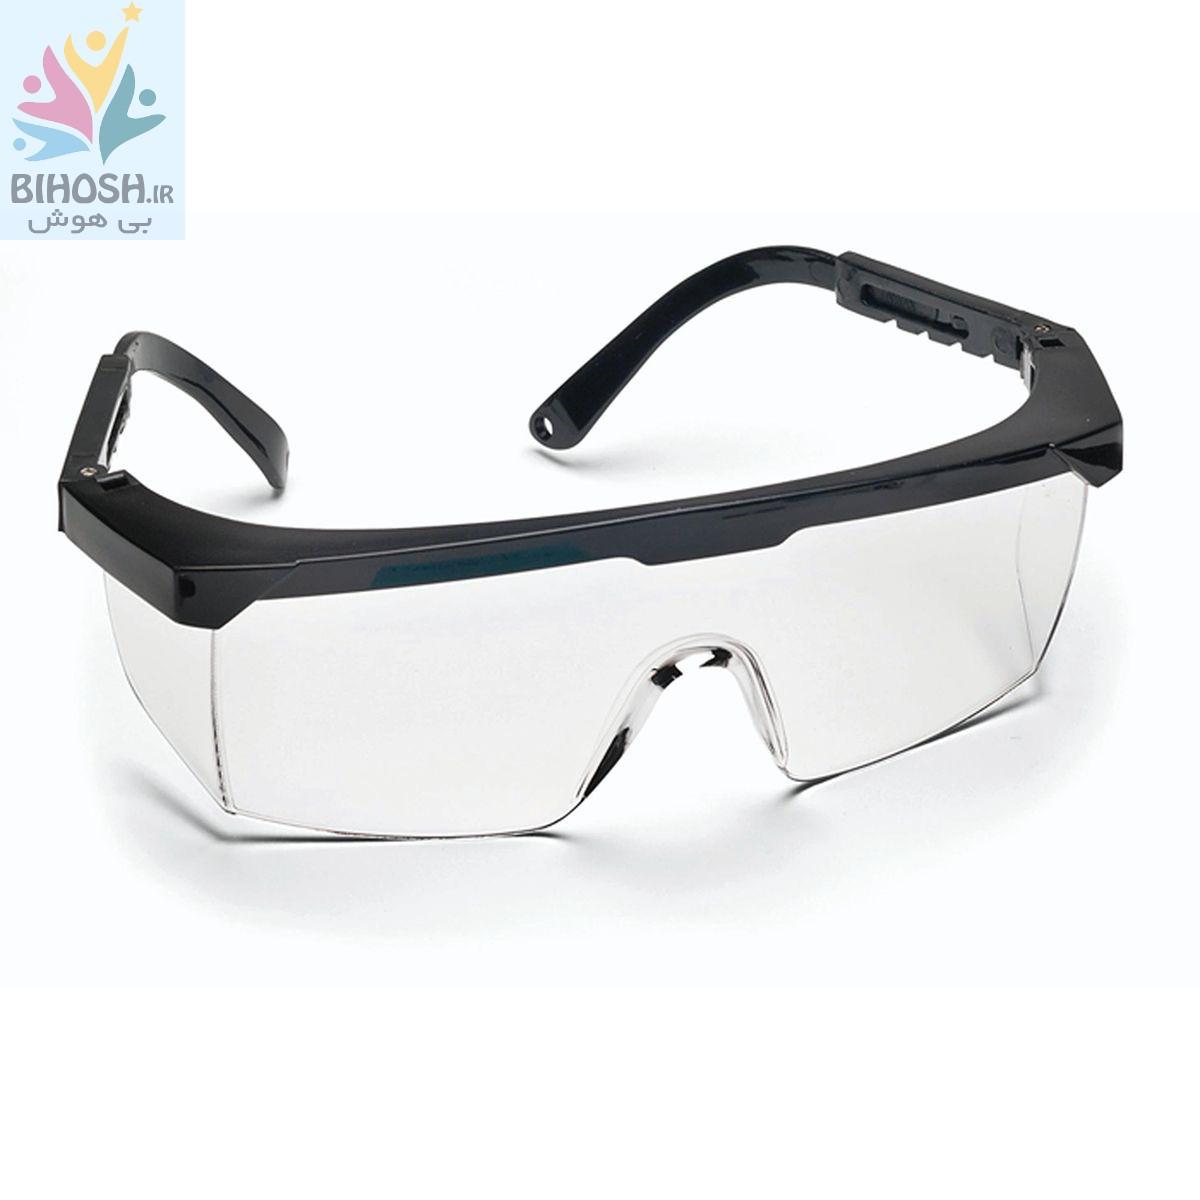 ترفندهای ساده برای تقویت بینایی